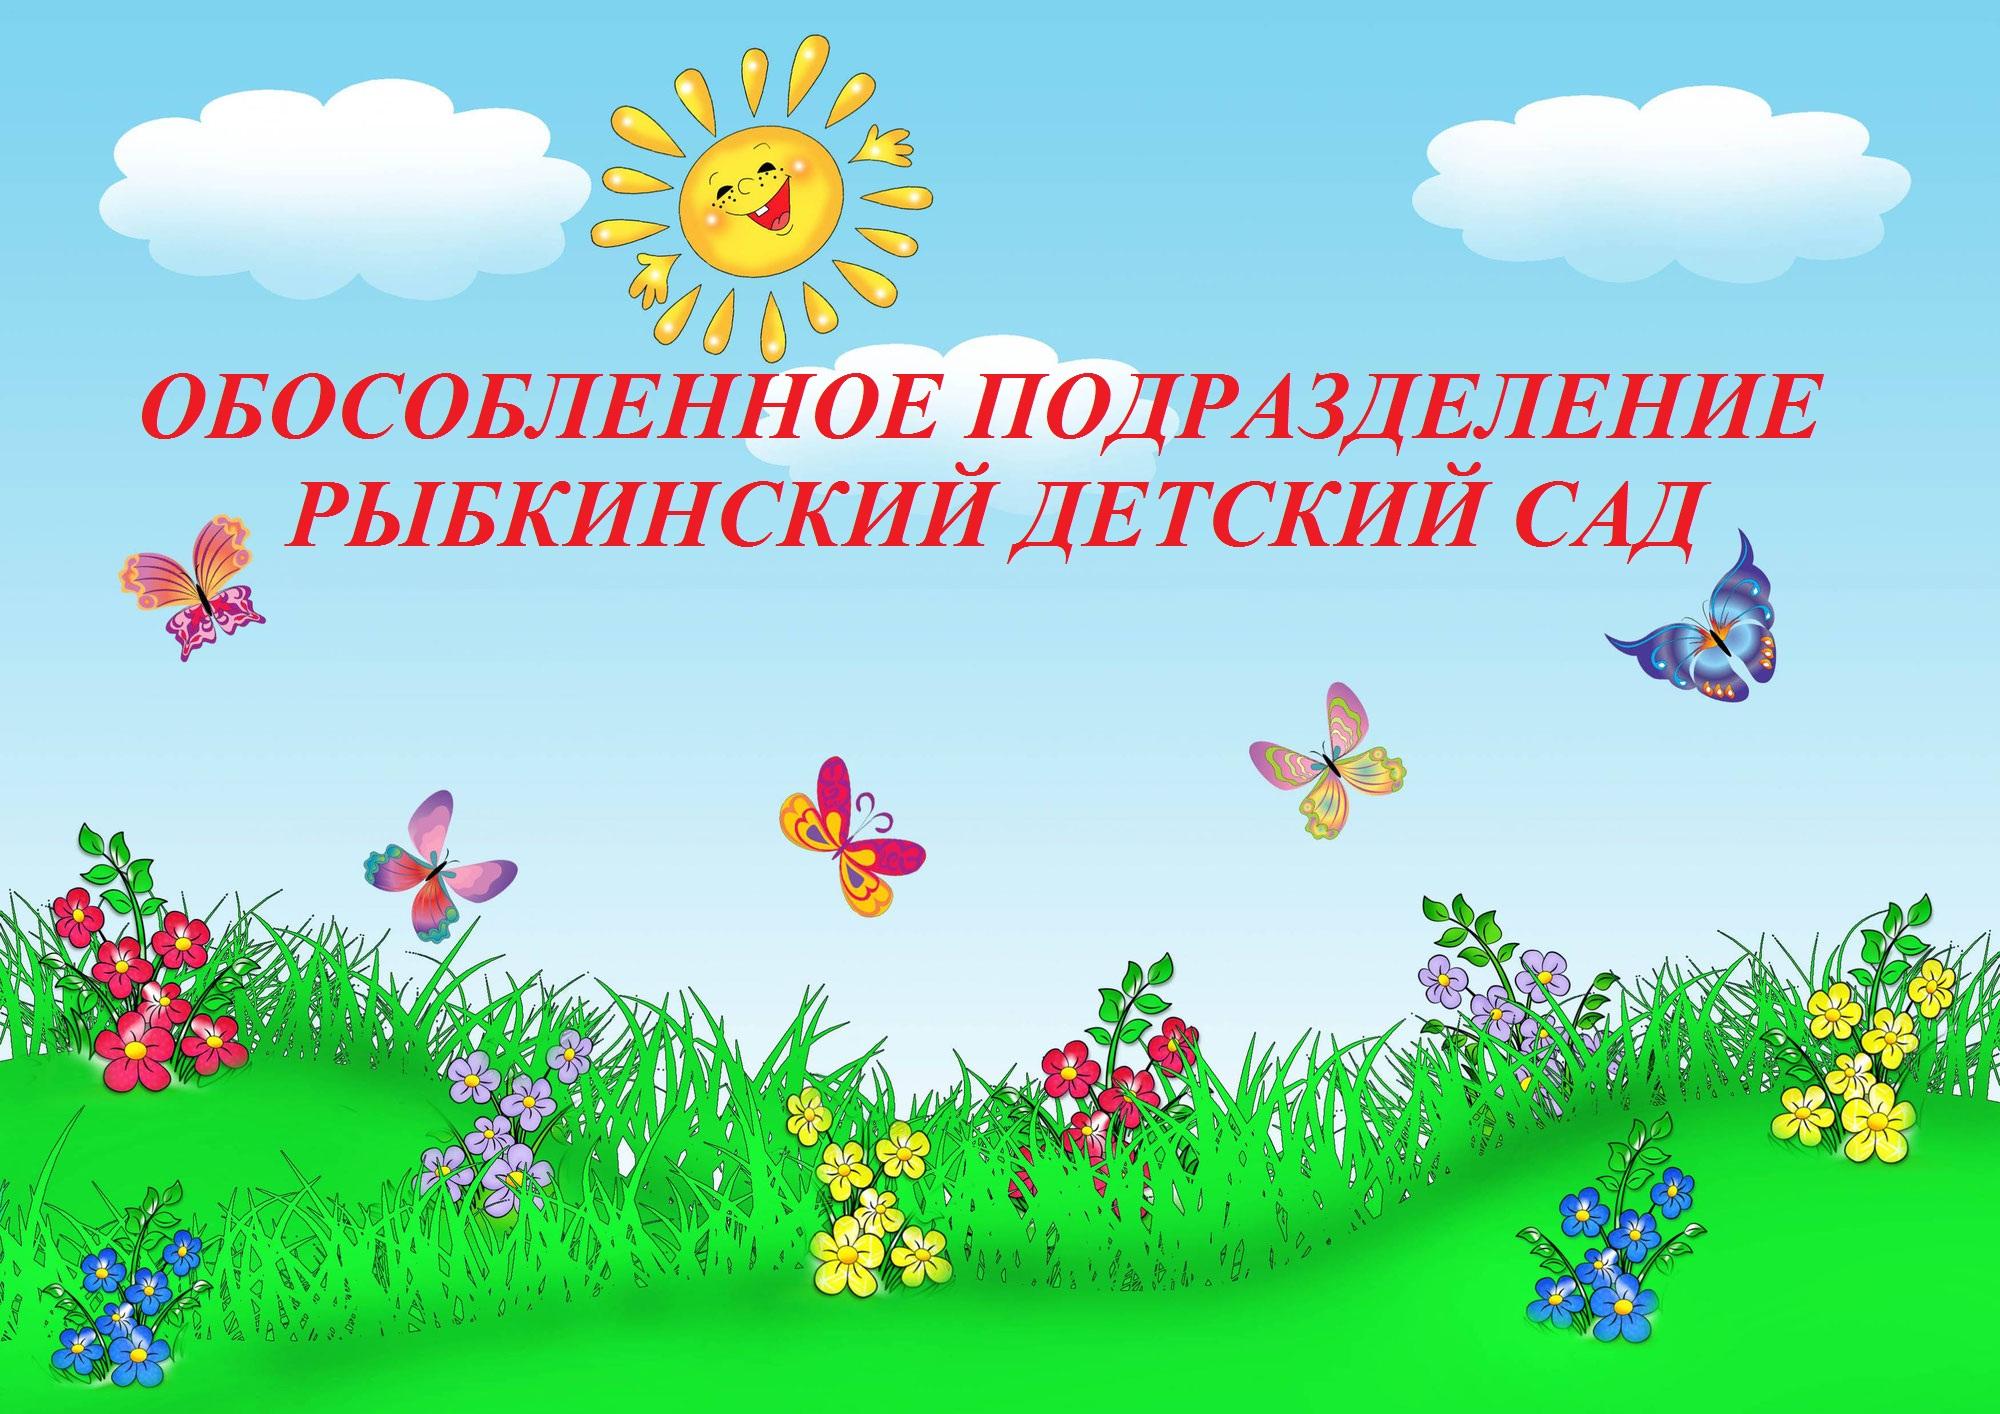 """Обособленное подразделение """"Рыбкинский детский сад"""""""